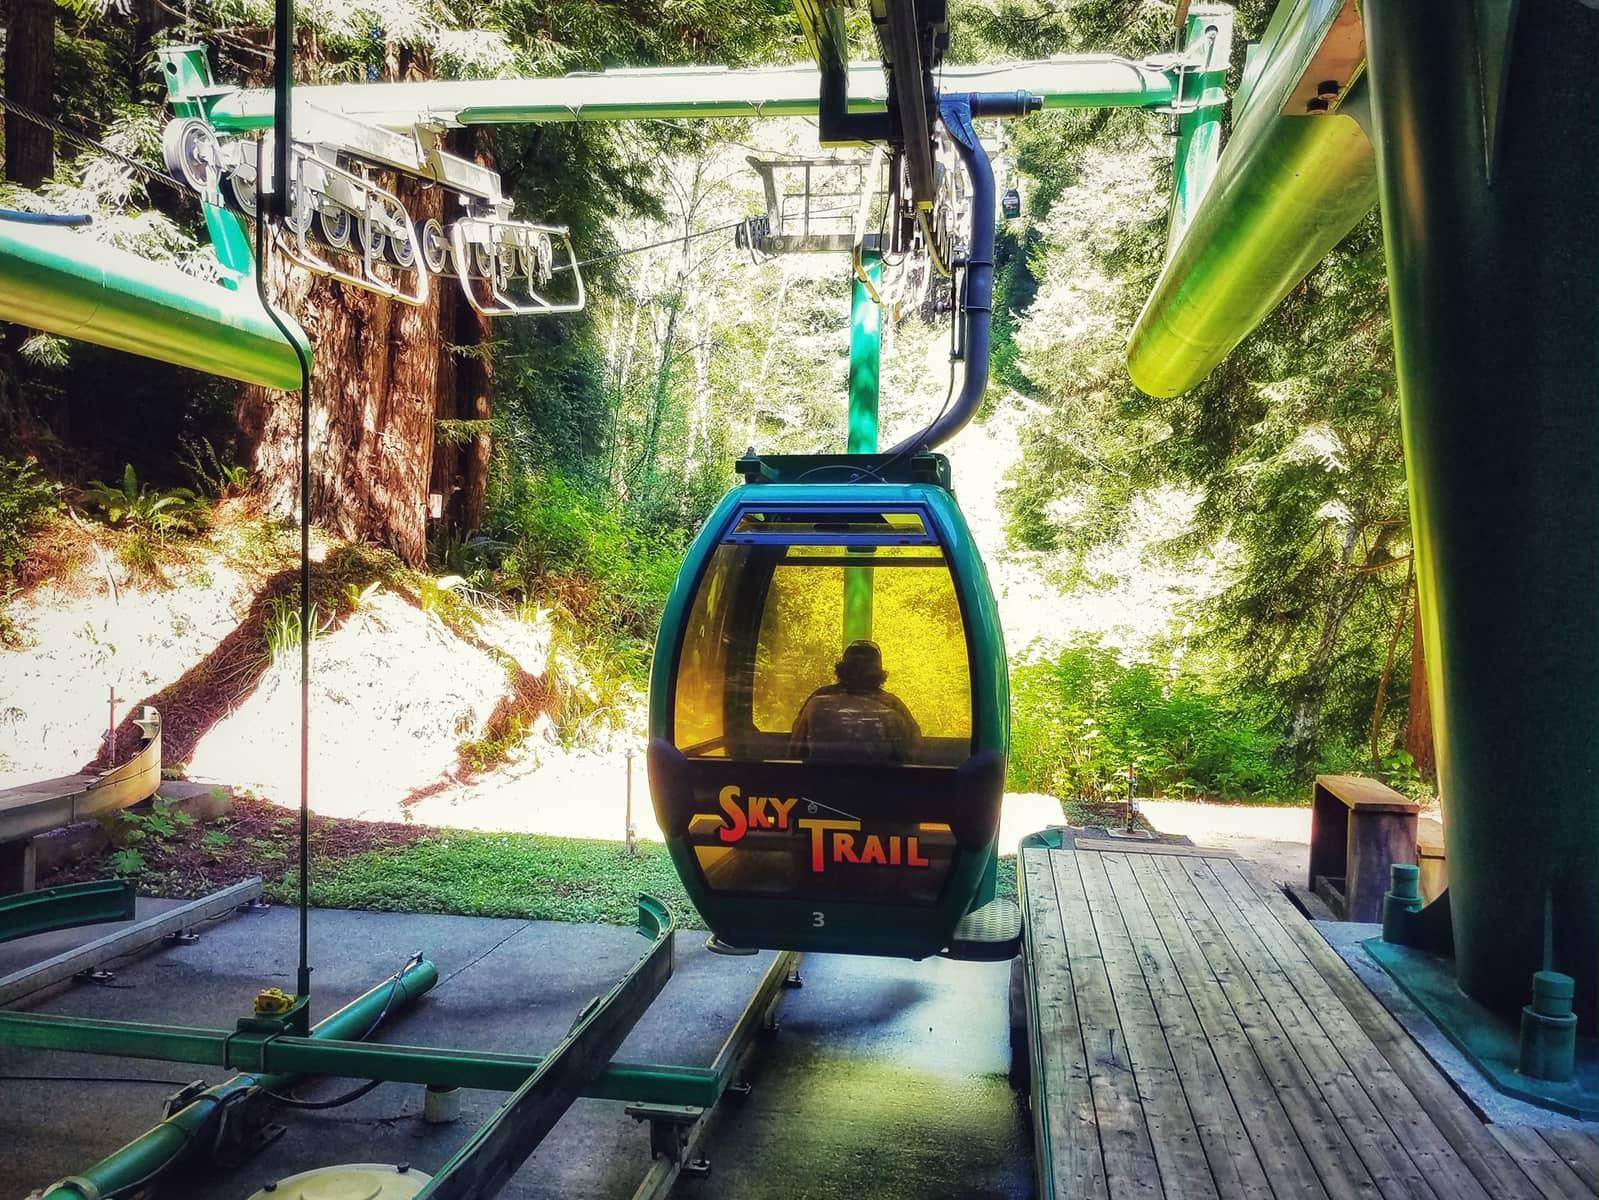 Skytrail Gondola at Trees of Mystery